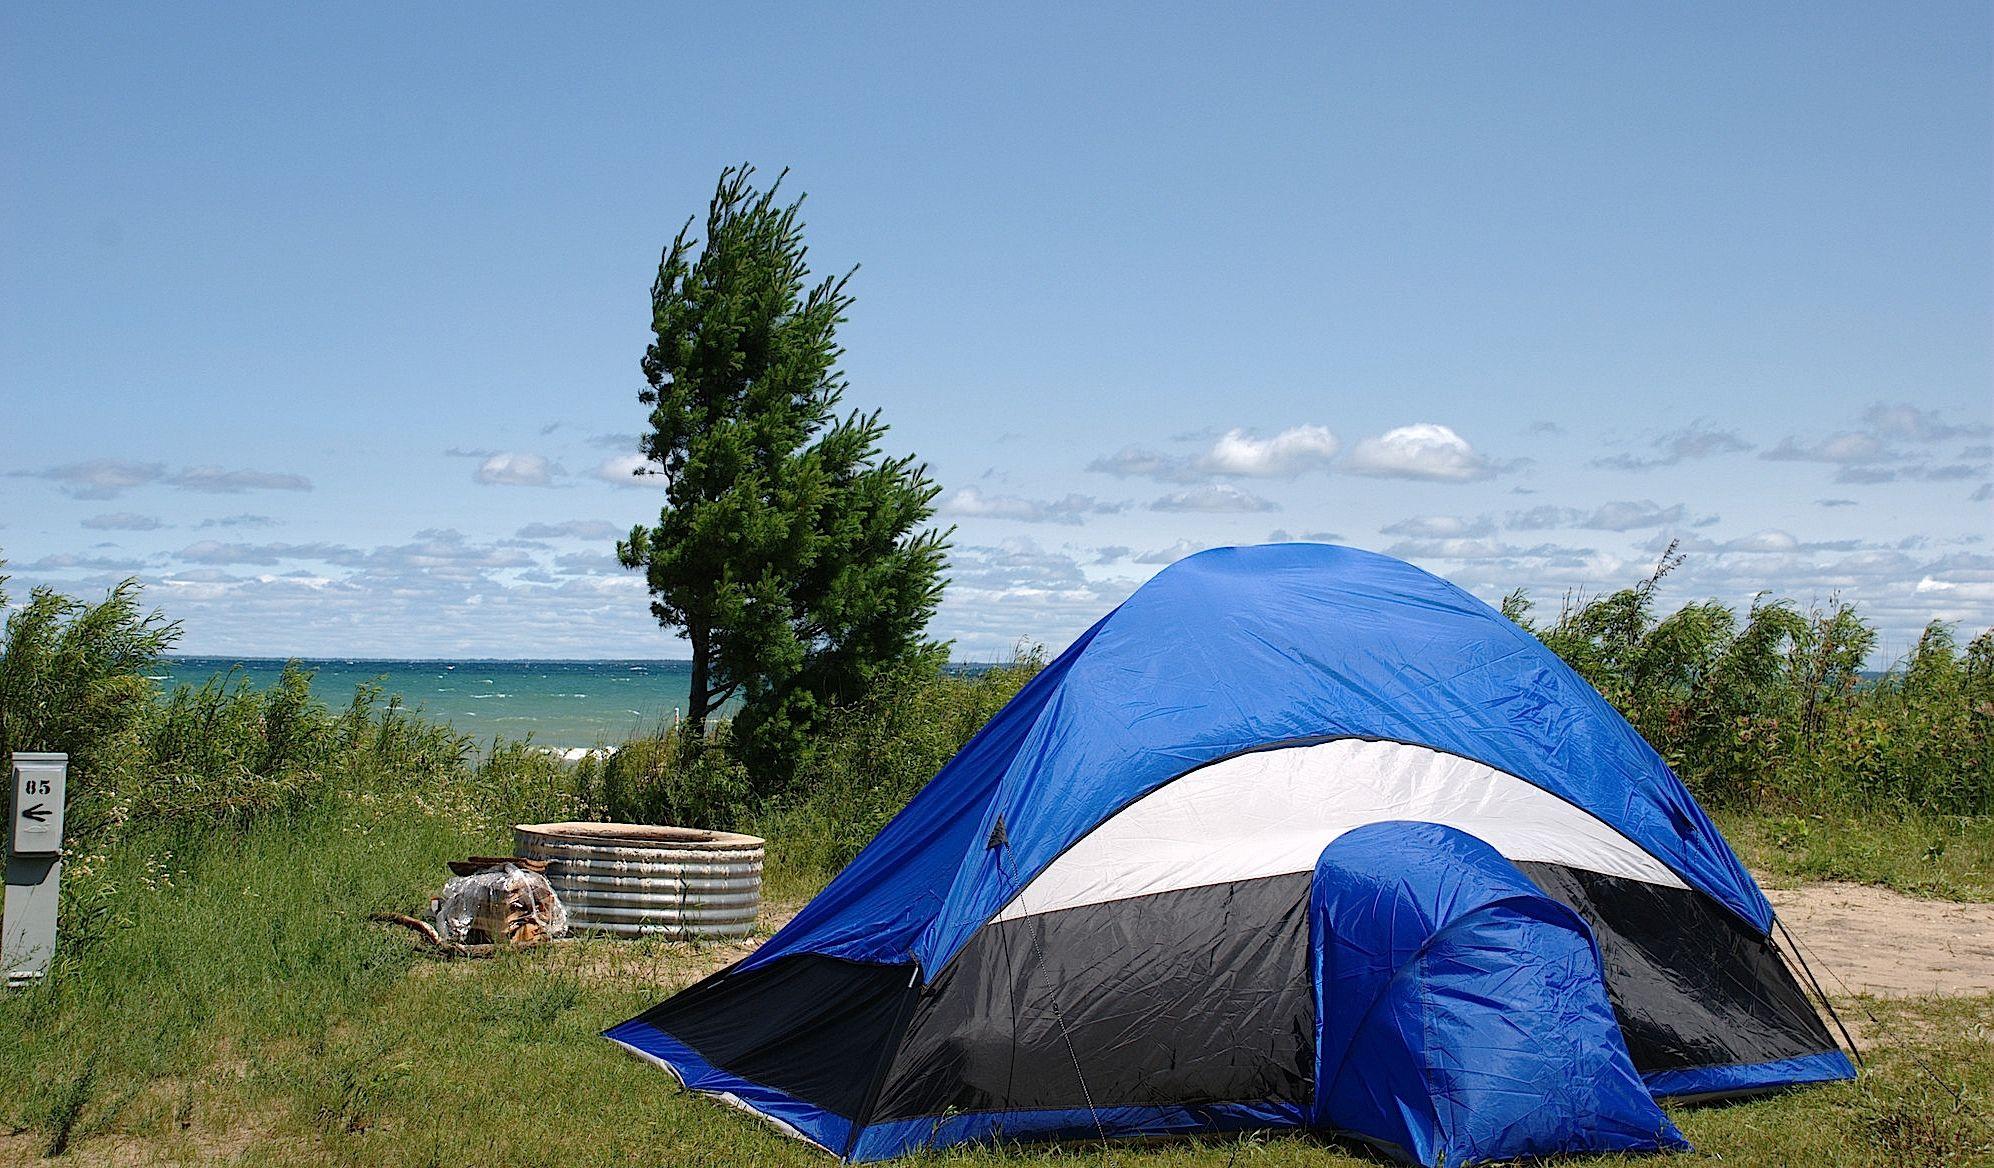 Camping on Lake Michigan in Sleeping Bear Dunes National